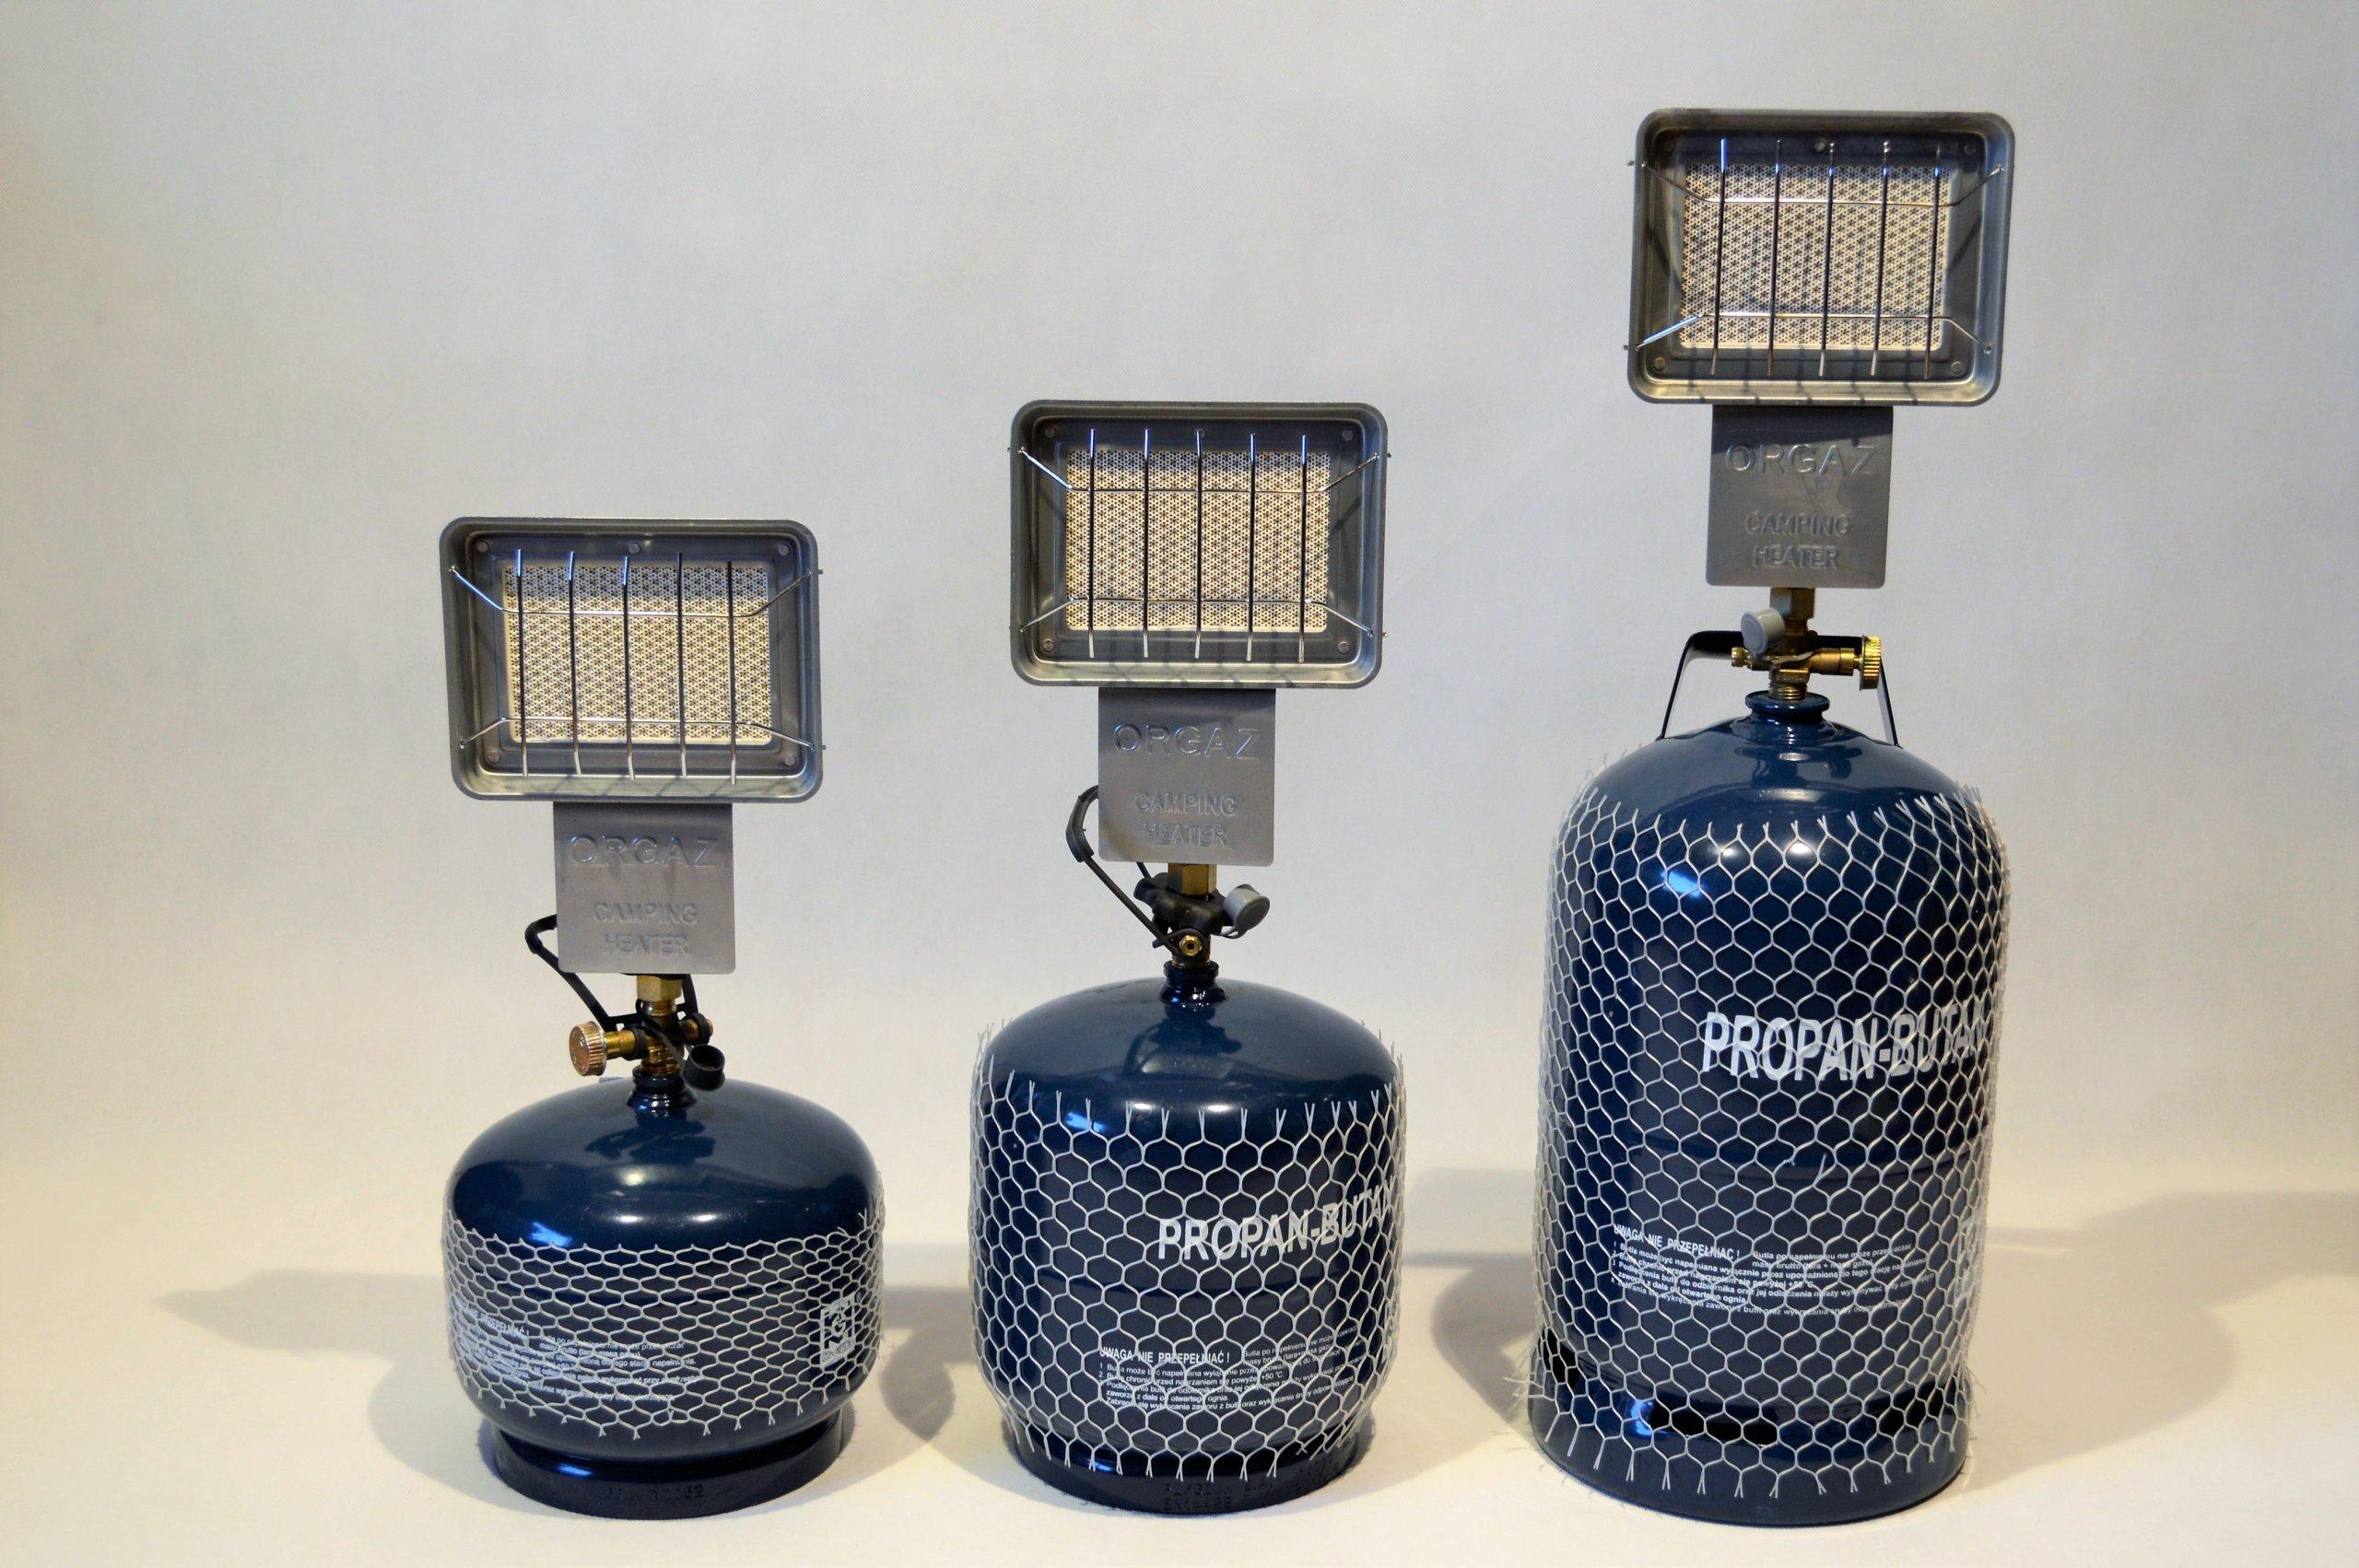 Газовые инфракрасные обогреватели от баллона: разновидности и особенности – советы по ремонту